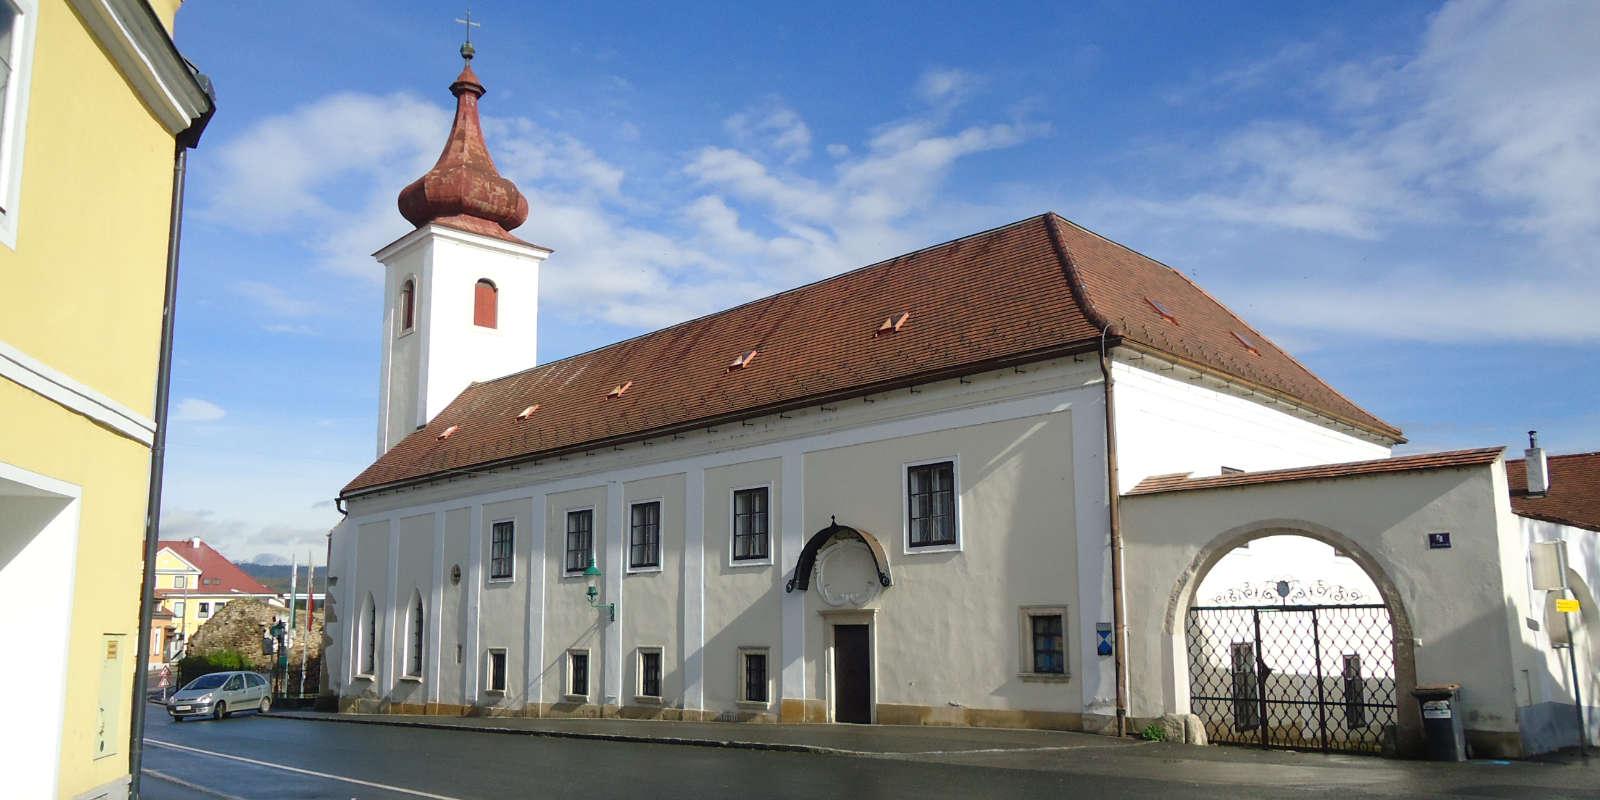 Bürgerspital Horn, 17. Jh. Foto: S. Pichlkastner